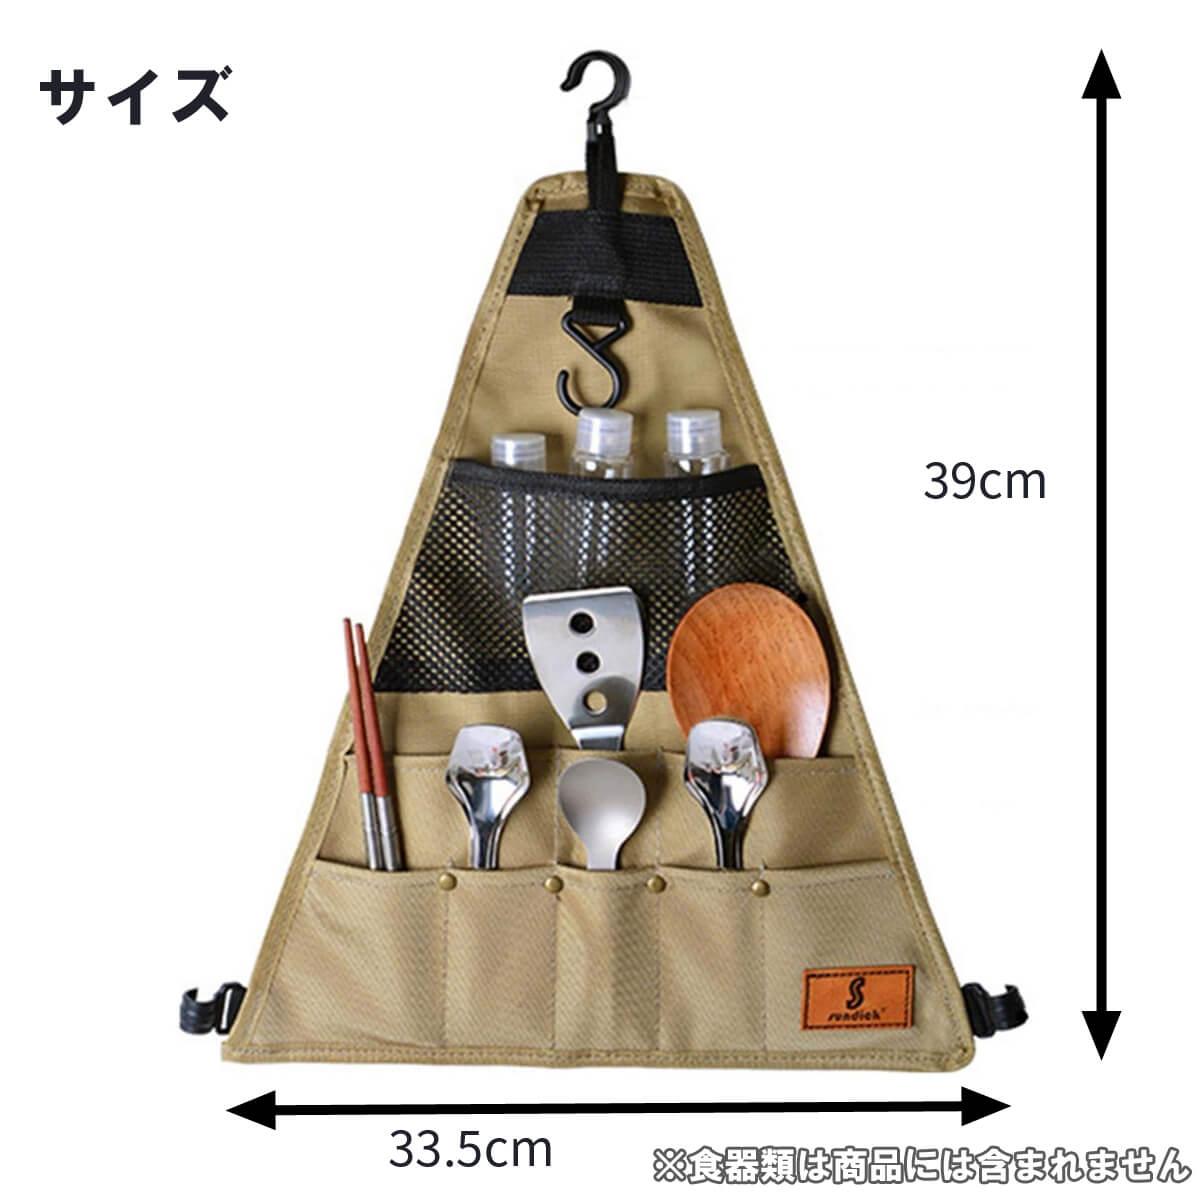 アウトドアハンガー用 三角カトラリーケース小